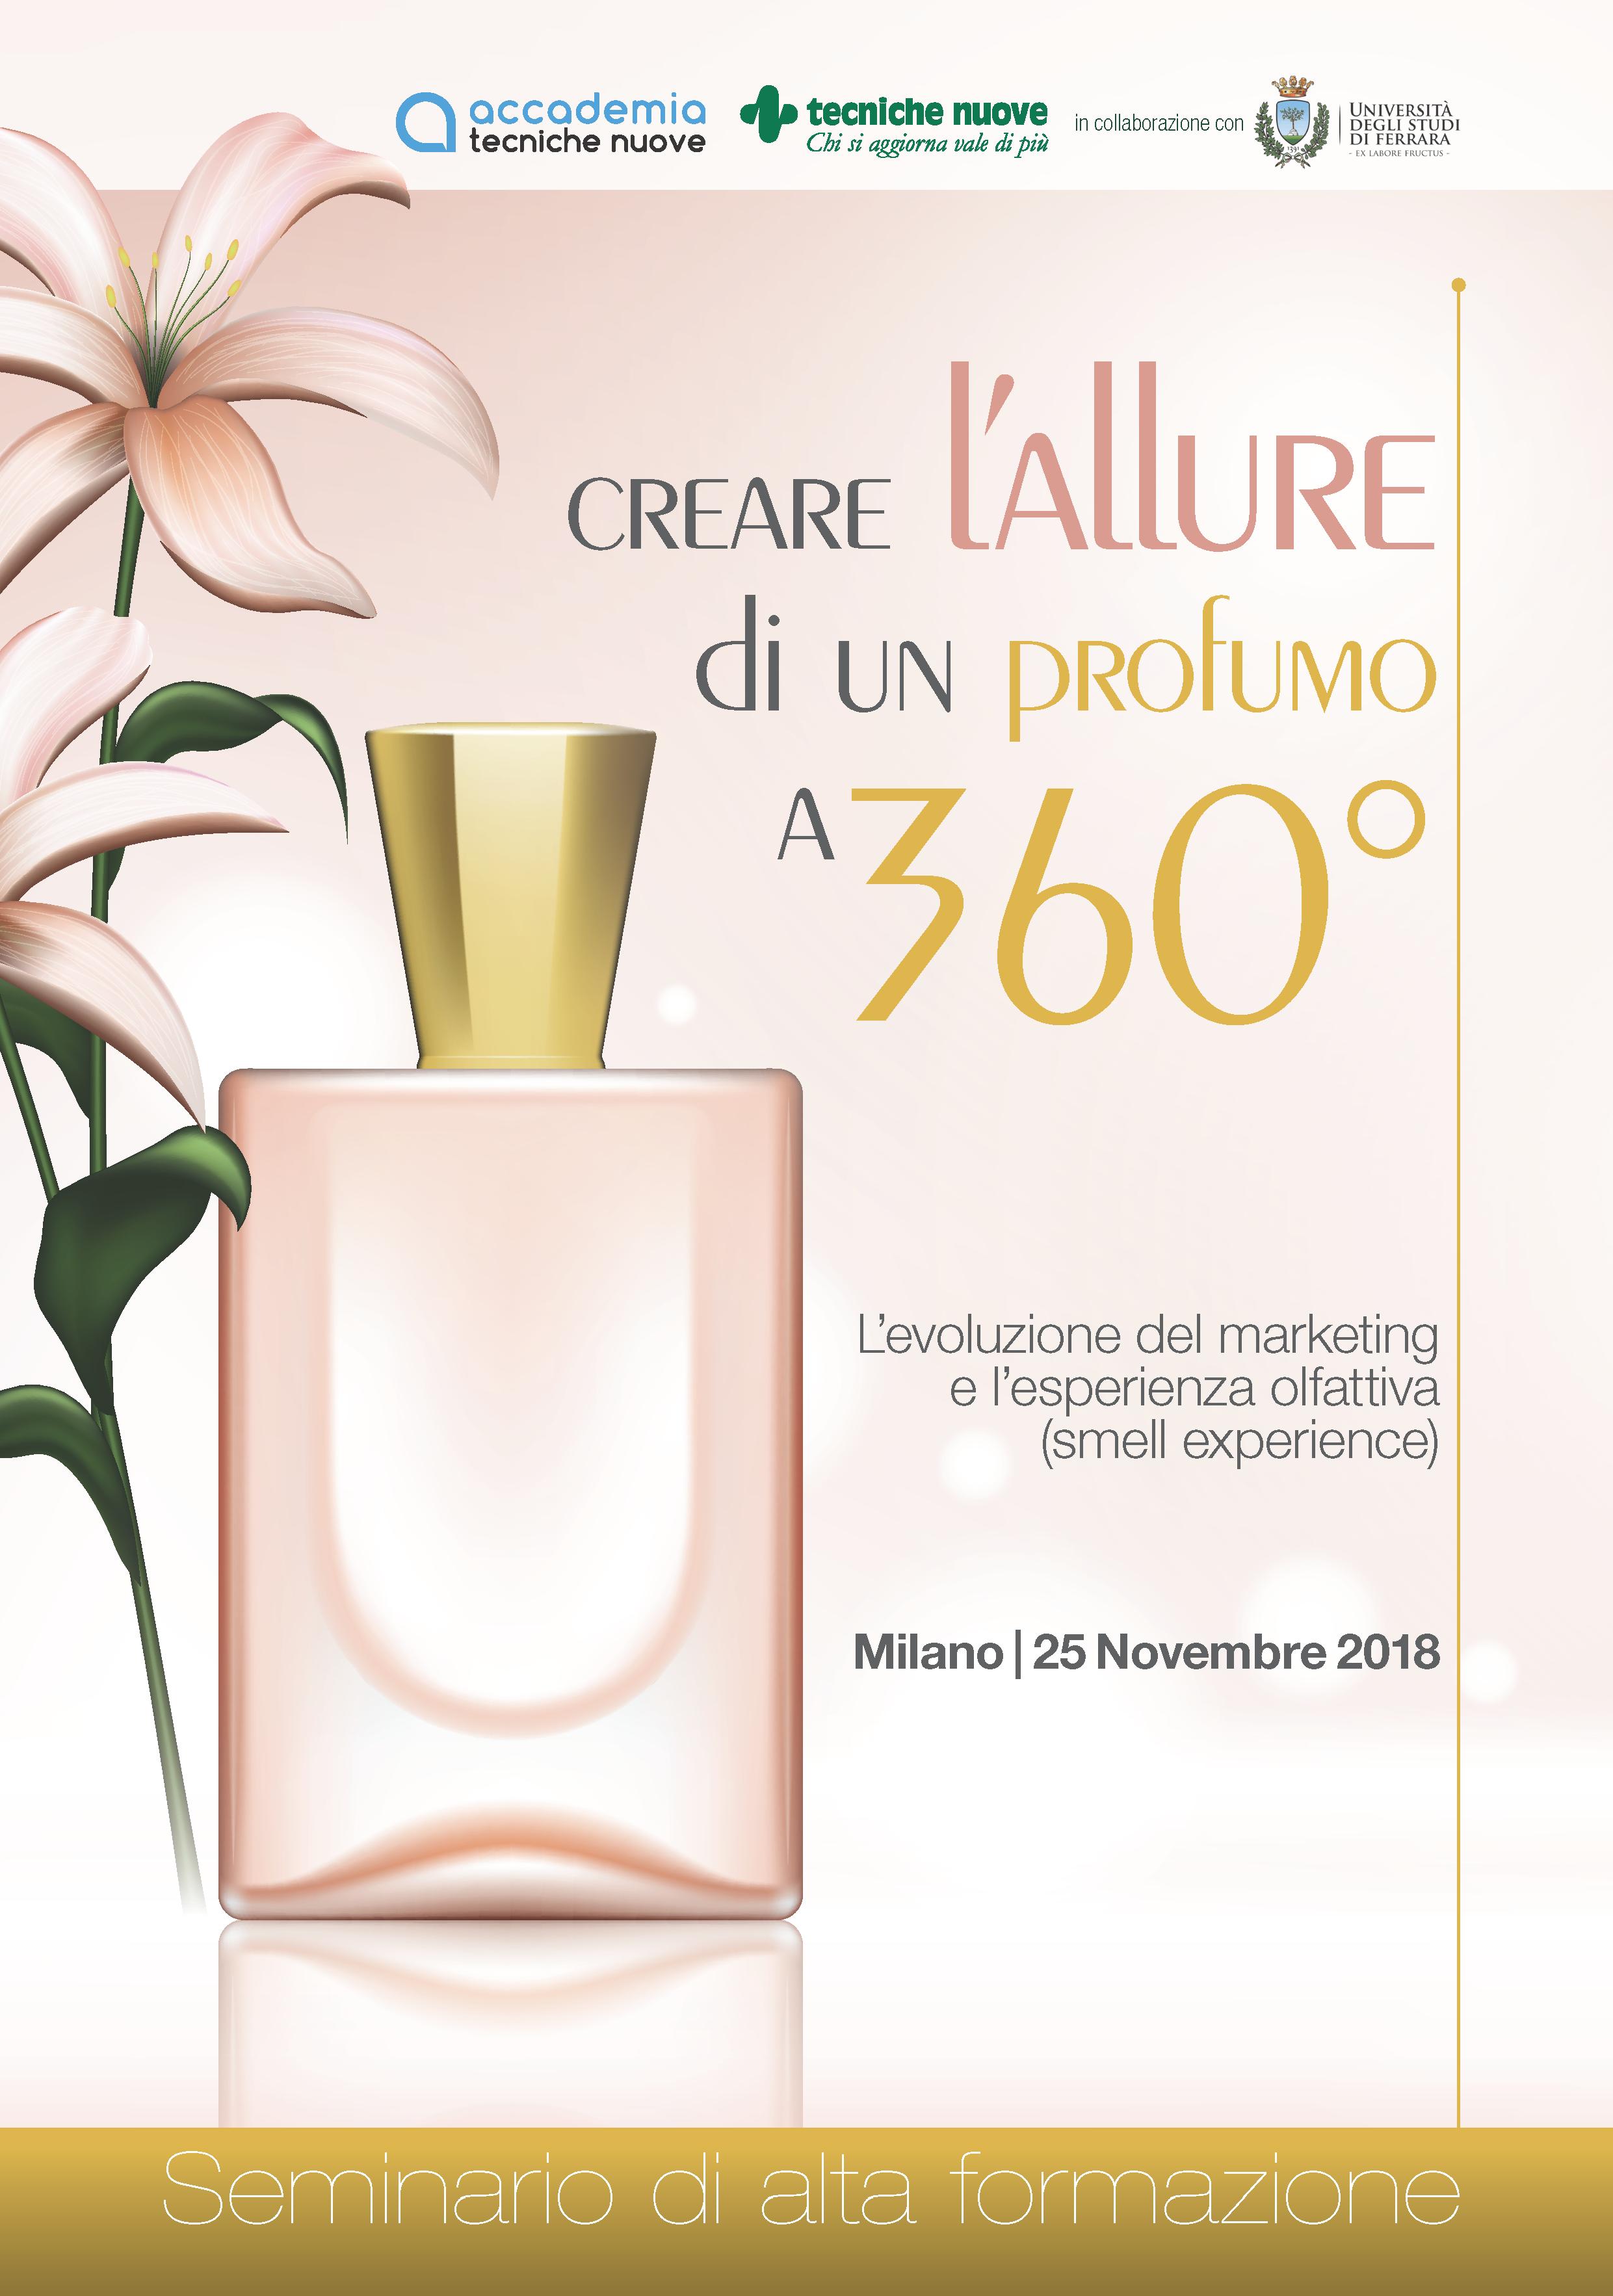 PRIMA PAGINA - Creare allure profumo_brochure